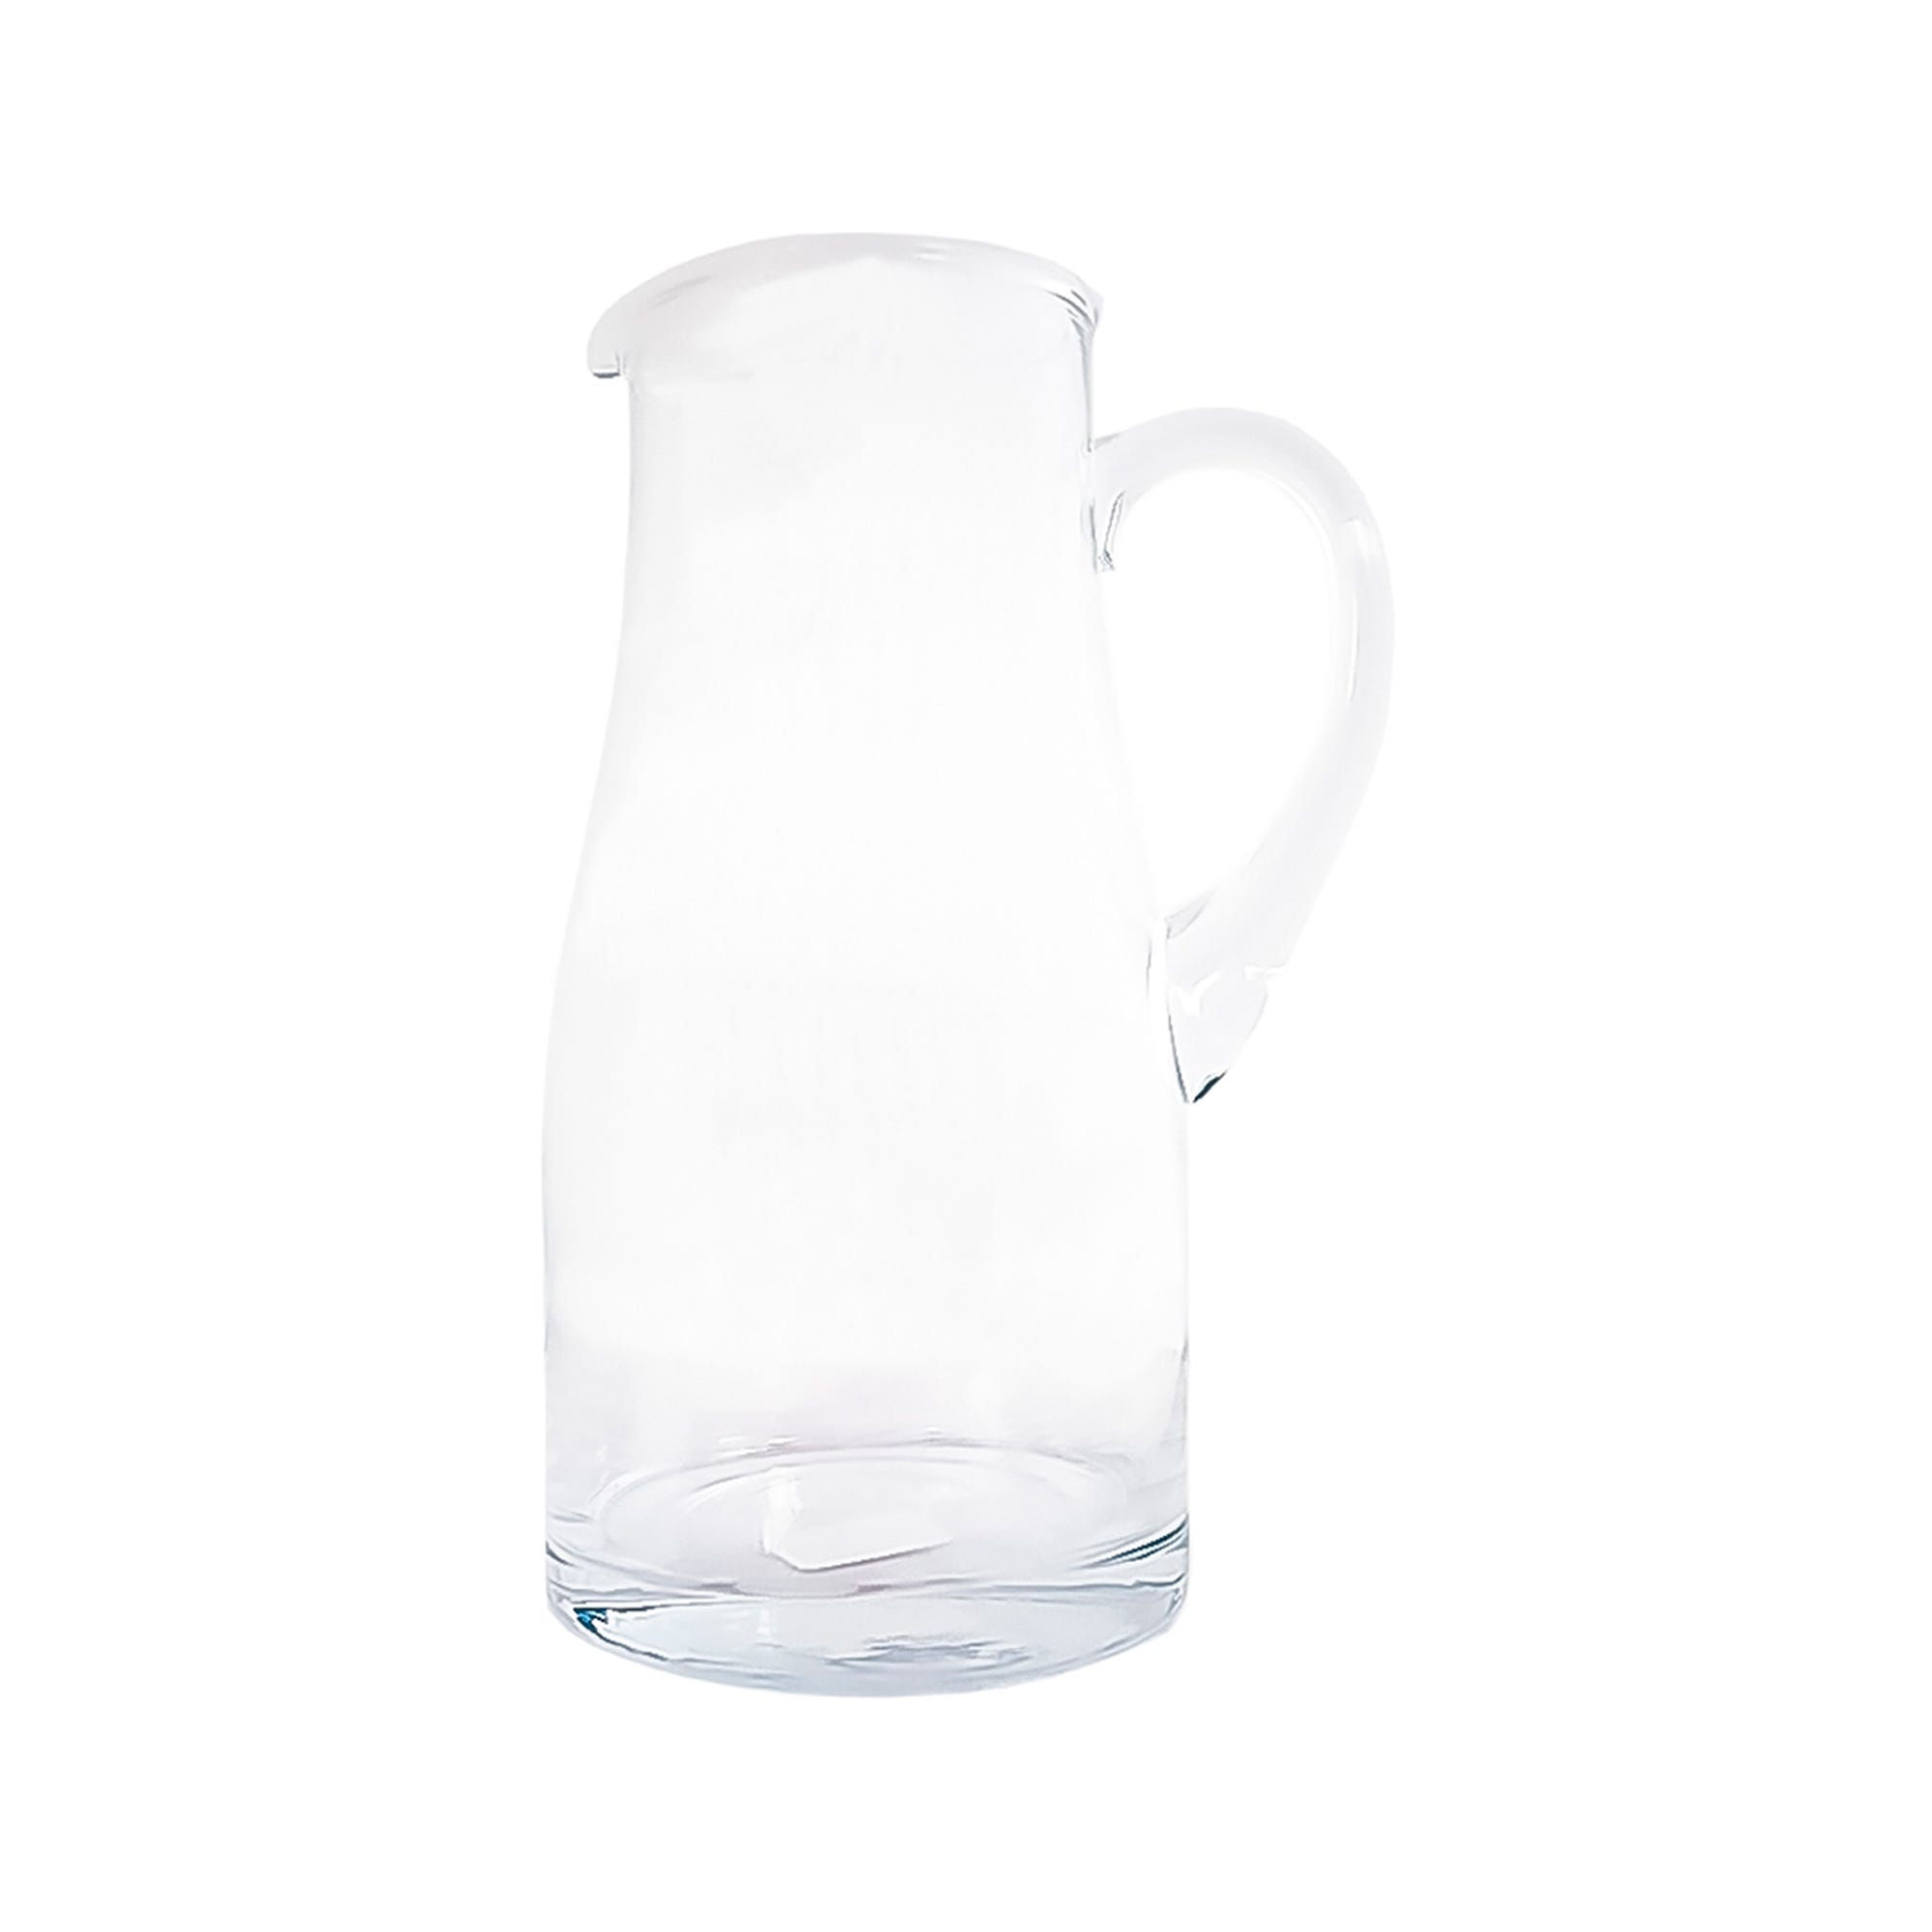 Jarra de vidrio NUVÓ 2.6 L